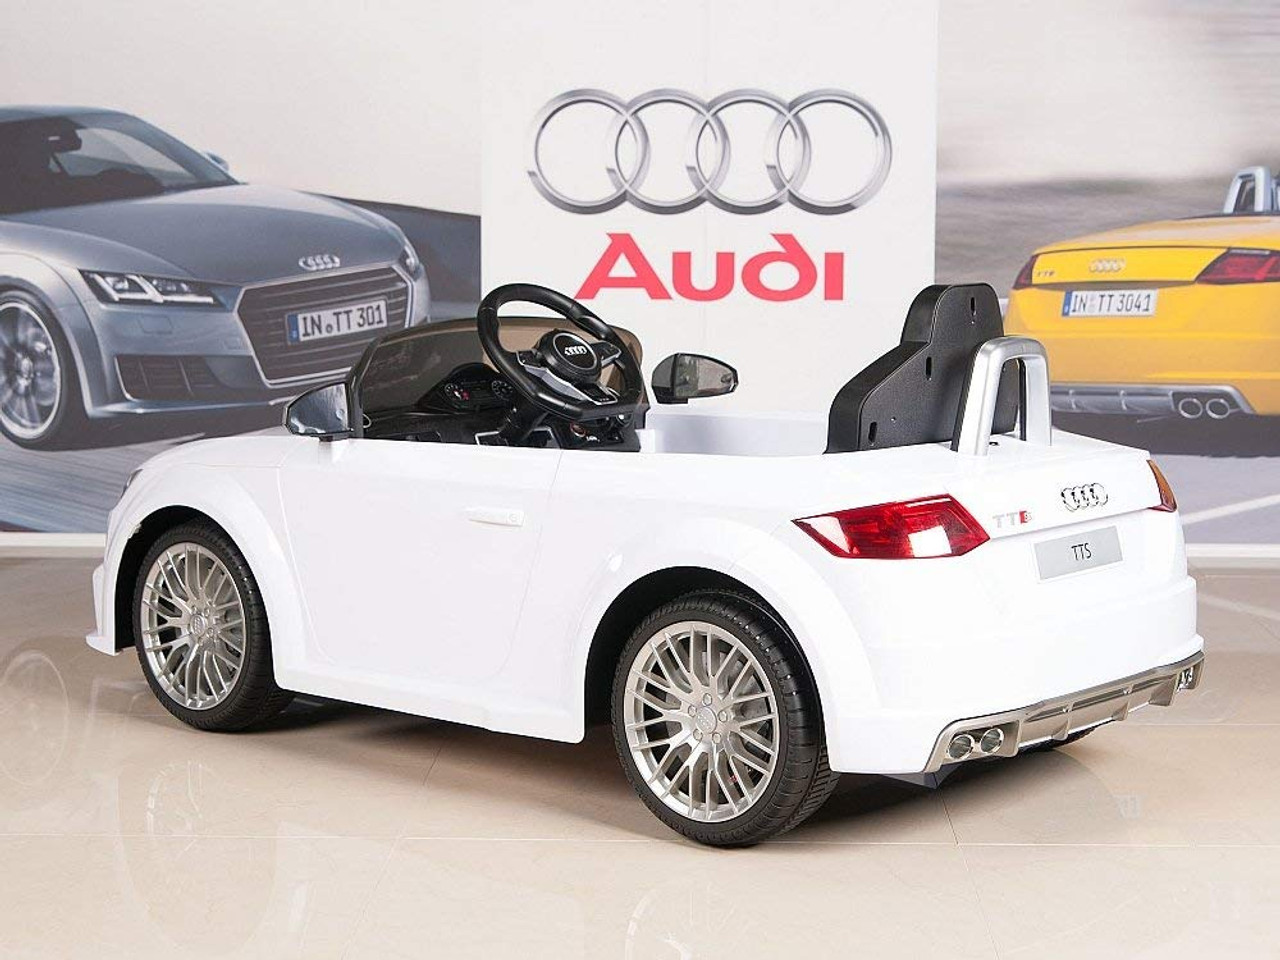 Audi Tts Roadster 6V 2.4Gwhite